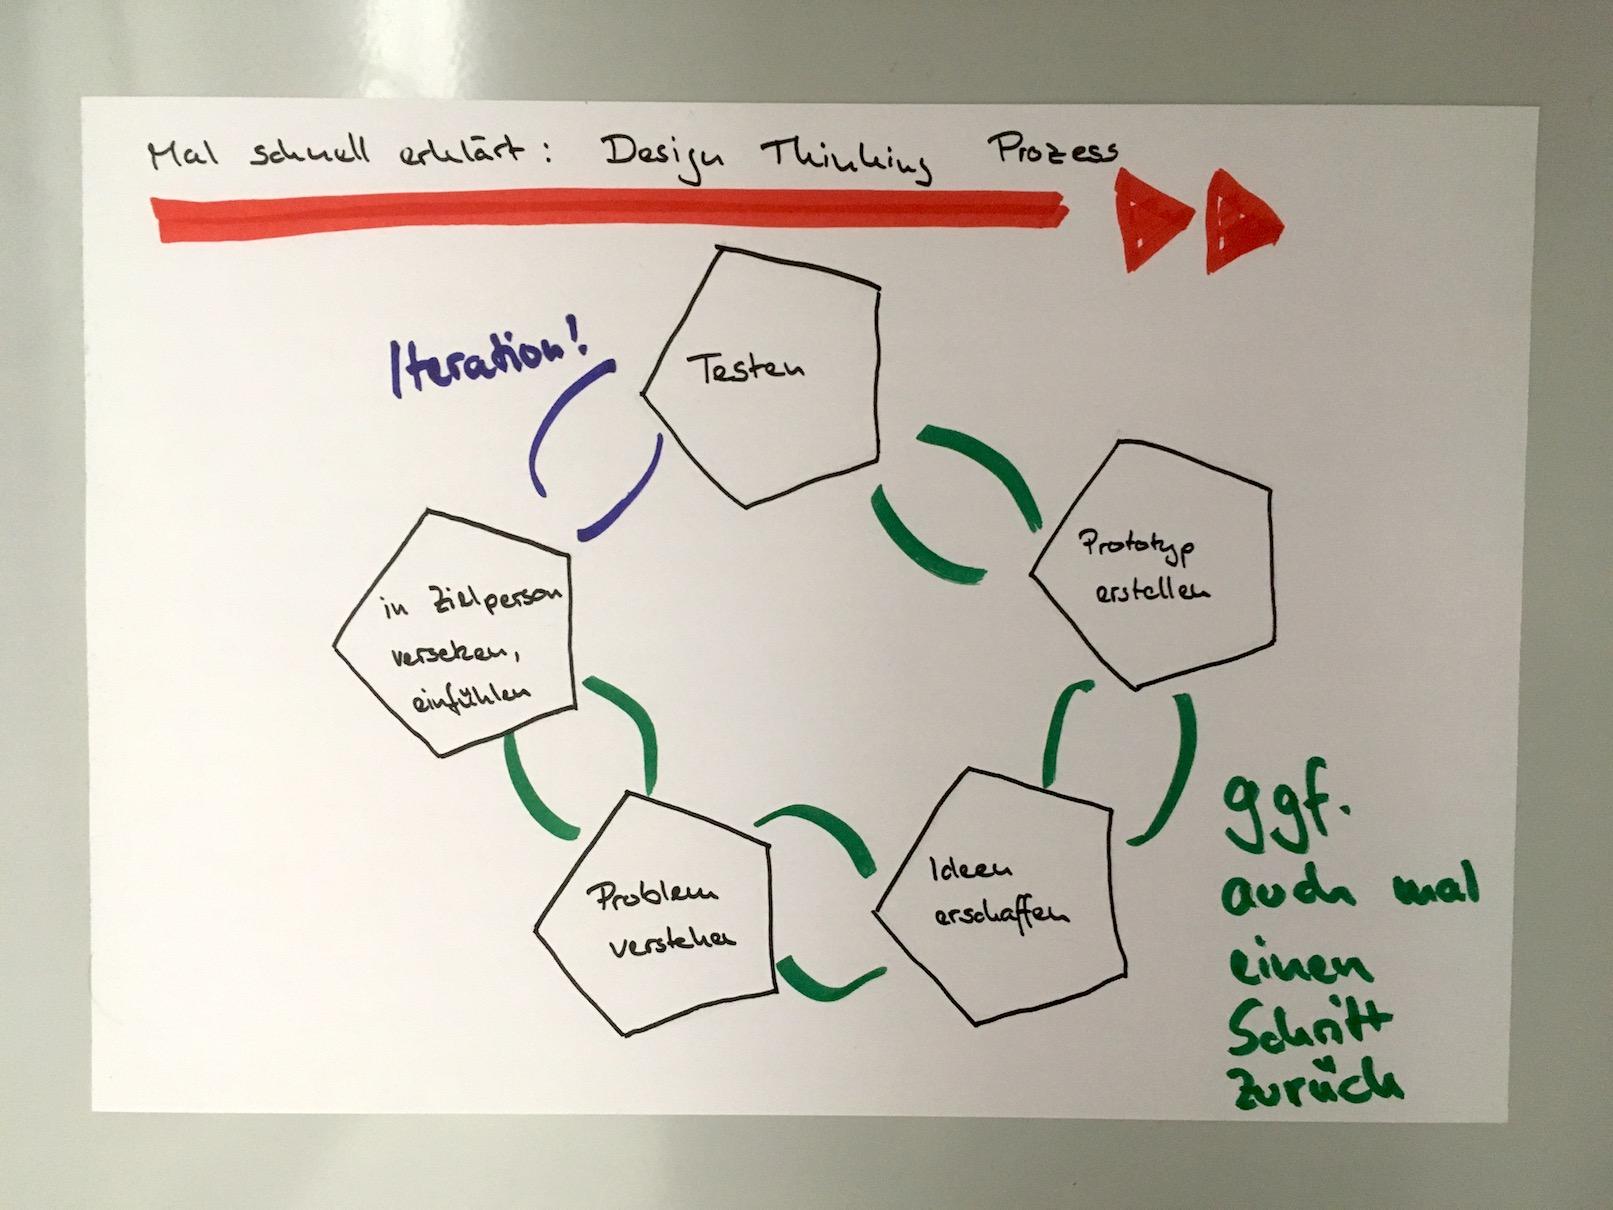 Der Design Thinking Prozess: (1) sich in Kunden versetzen, (2) Problem genau verstehen, (3) IDeen generieren, (4) Prototypen entwickeln, (5) Testen, dann das Ganze zur Verbesserung immer wiederholen. Bei Bedarf zwischendrin einen Schritt zurück gehen.